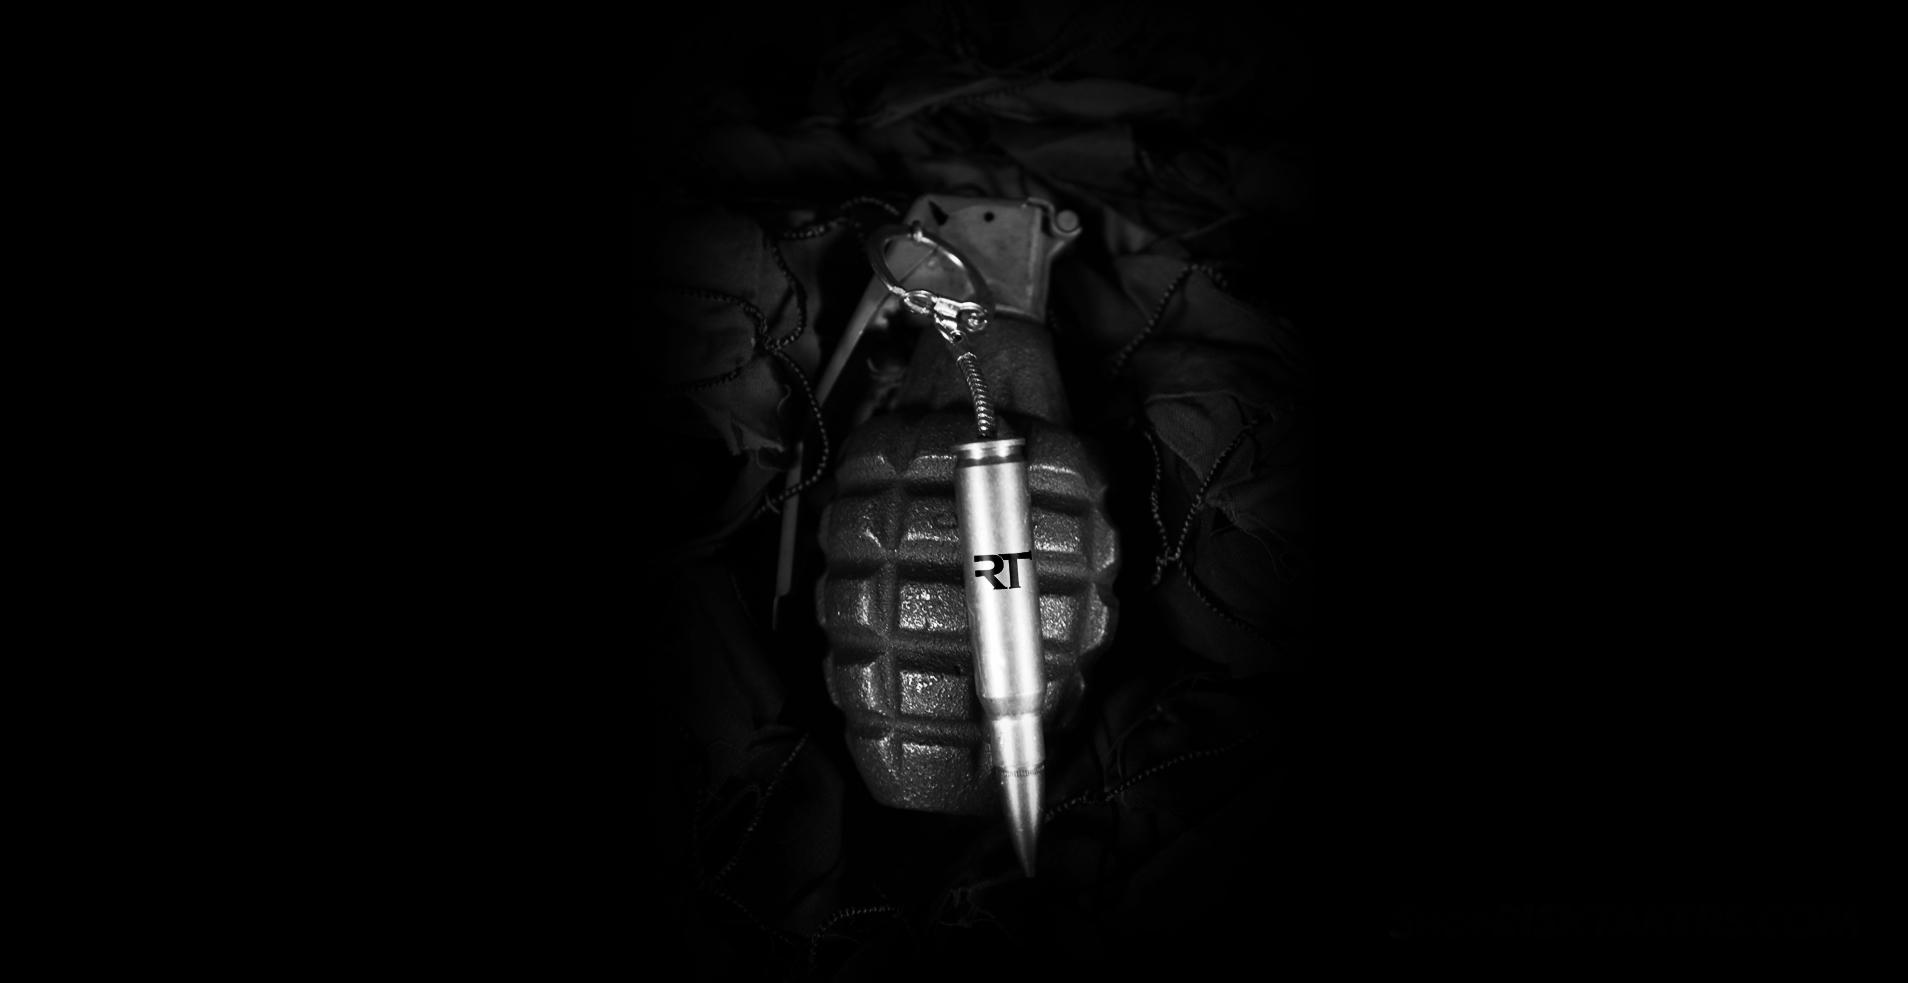 hand grenade wallpaper, скачать фото, обои для рабочего стола, ручная гранта, F-1, Ф-1